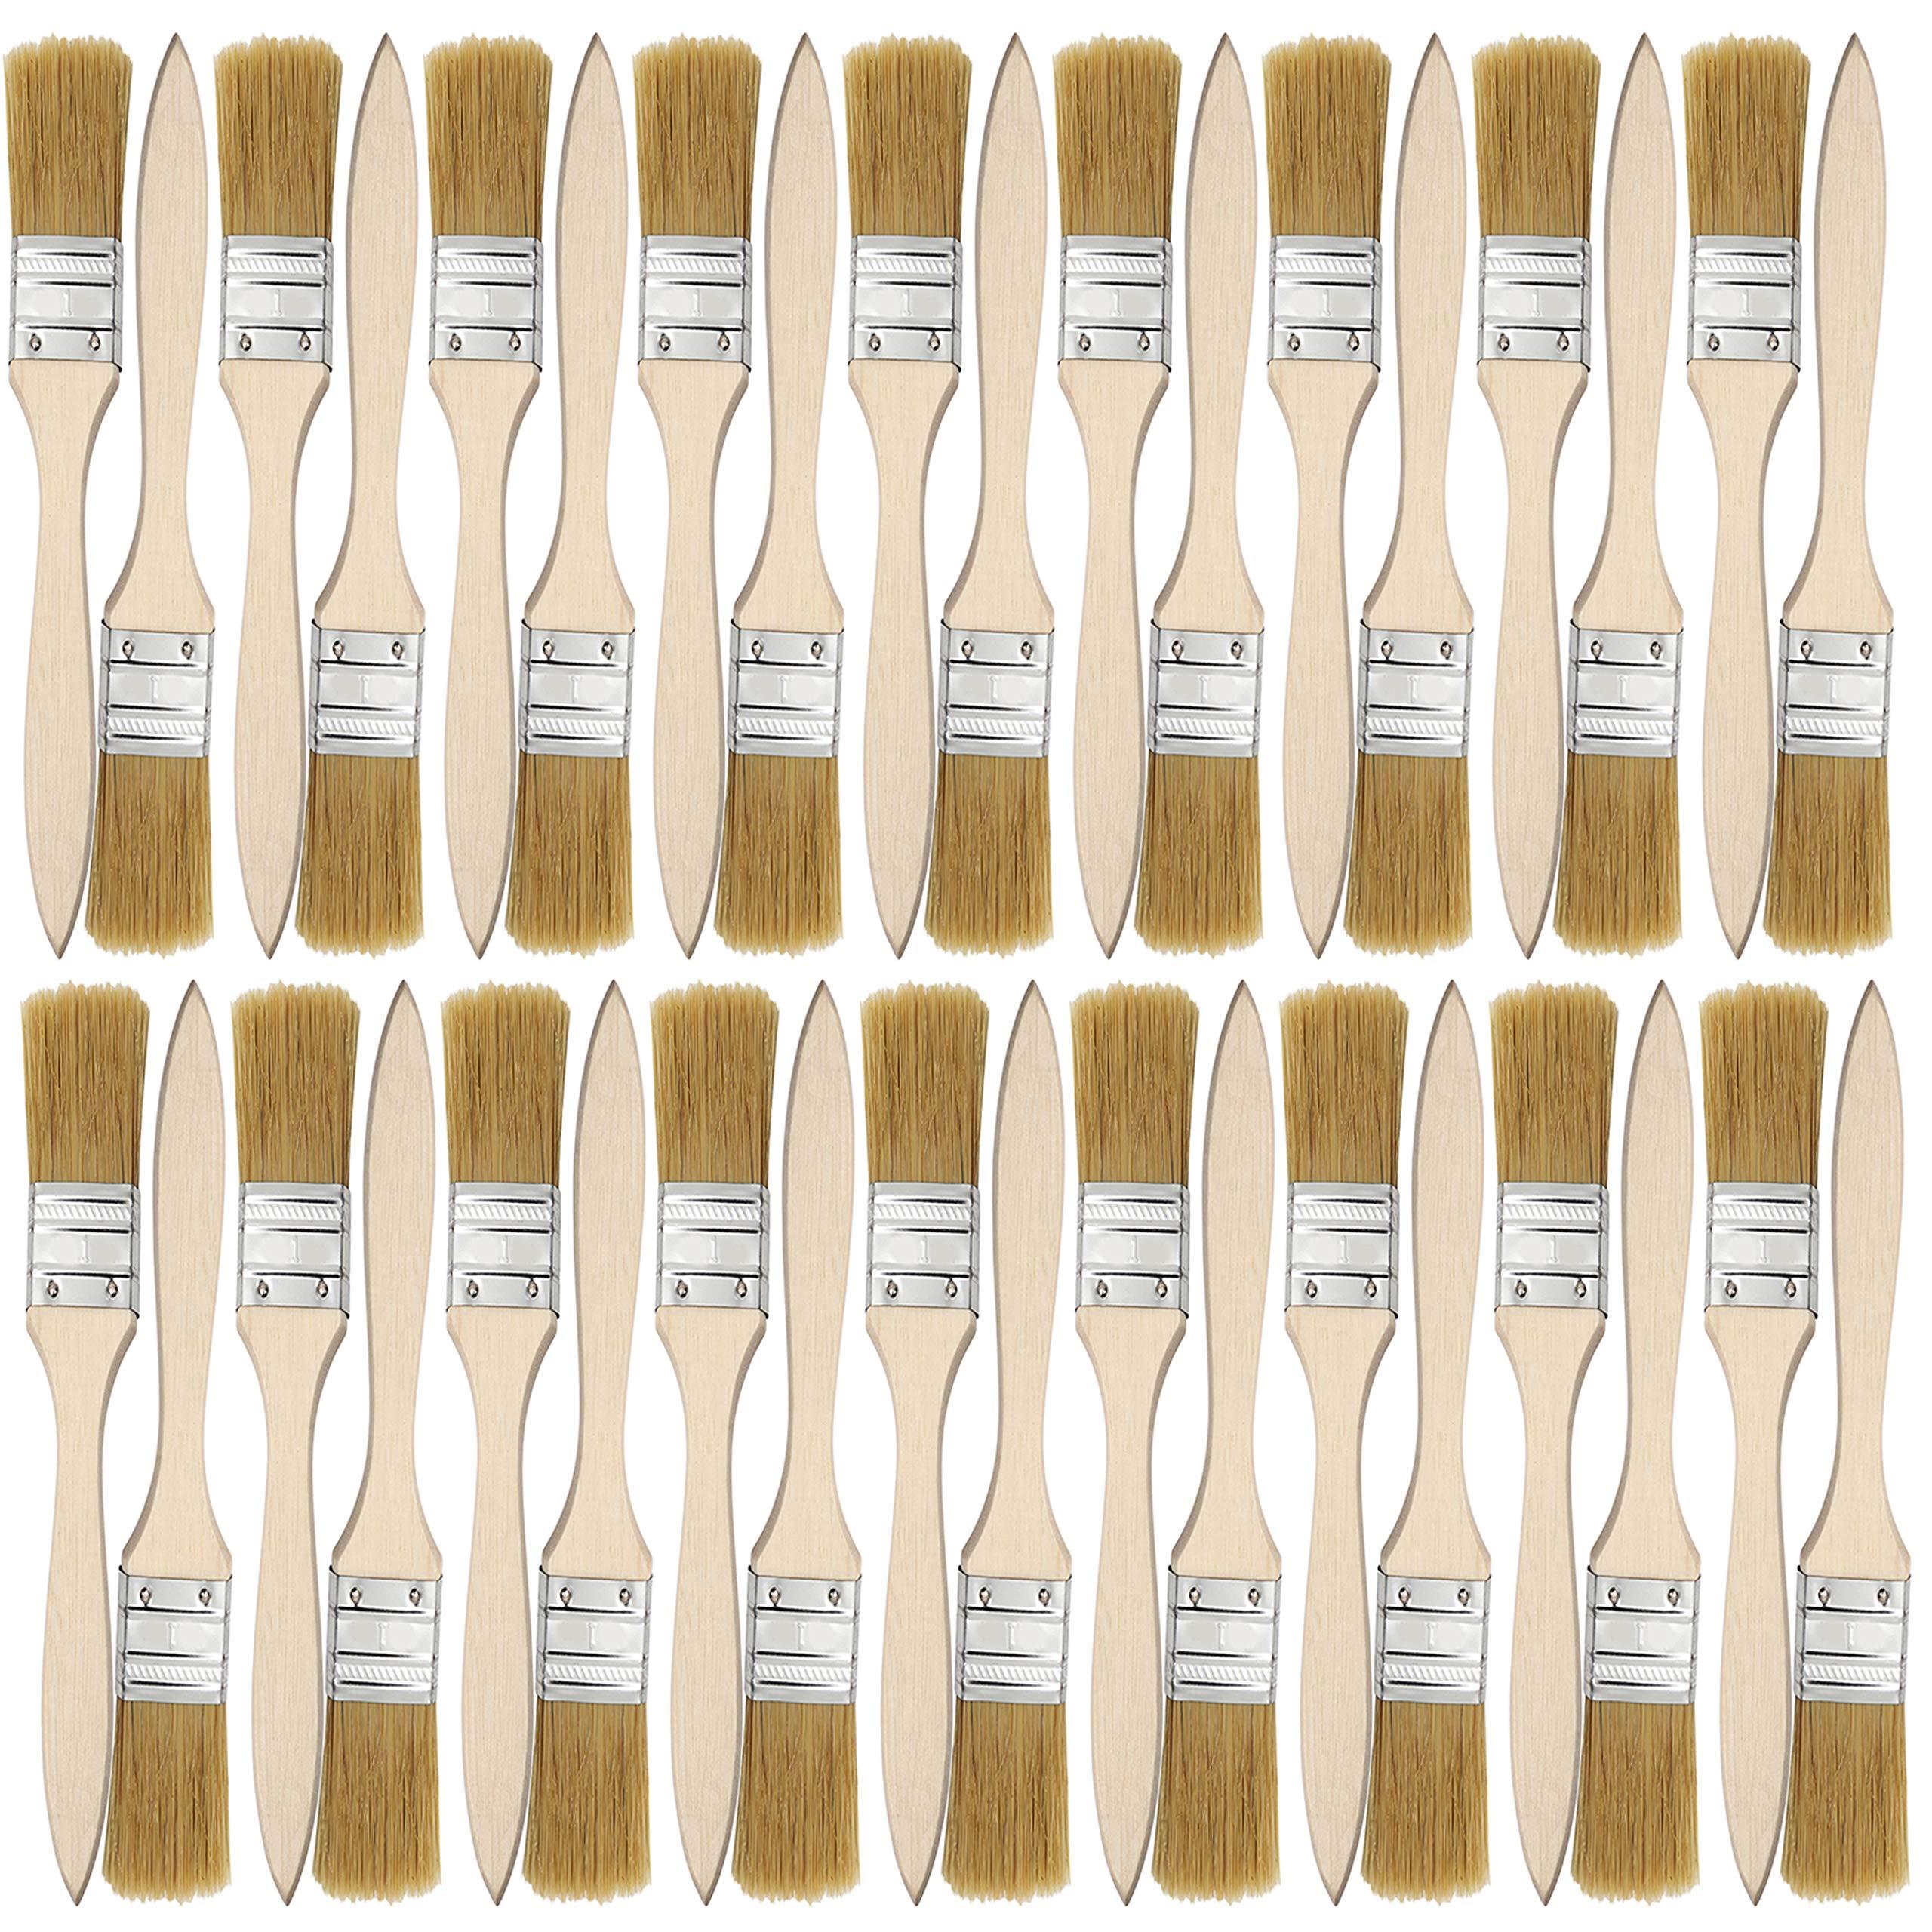 Kurtzy Pack 36 Brochas de 25,4mm - Brochas para Pintura, Tintes, Barnices, Pegamentos, Gesso, Pinturas al Óleo, Acrílicas y Acuarelas - Brochas Multiusos: Amazon.es: Bricolaje y herramientas